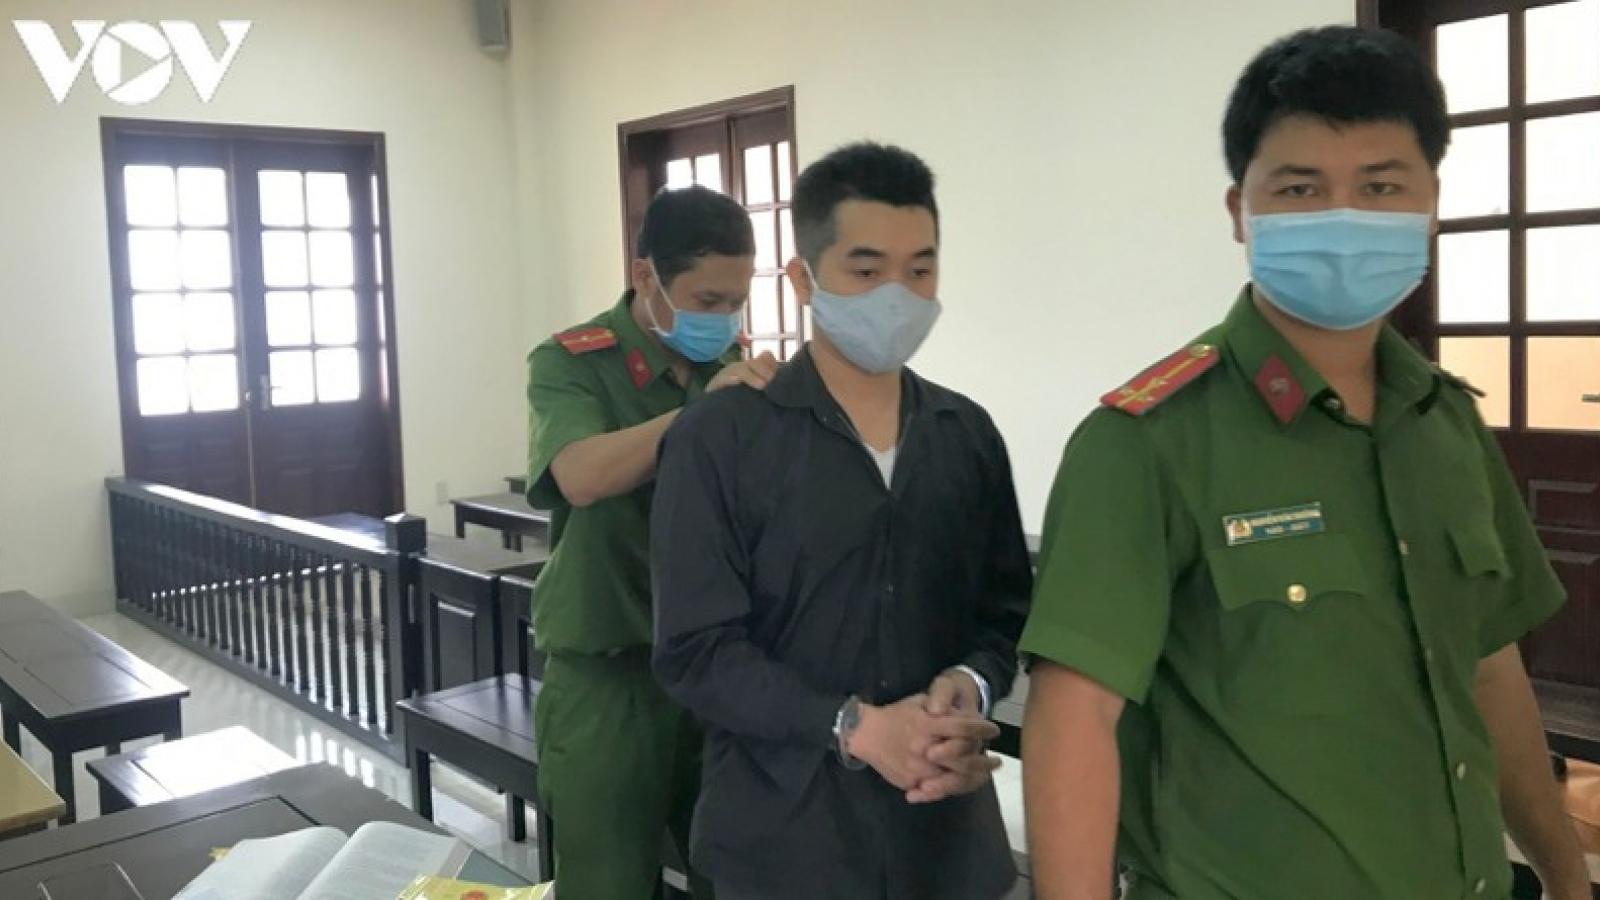 Luật sư đề nghị tăng hình phạt với bị cáo xâm hại bé gái ở TPHCM